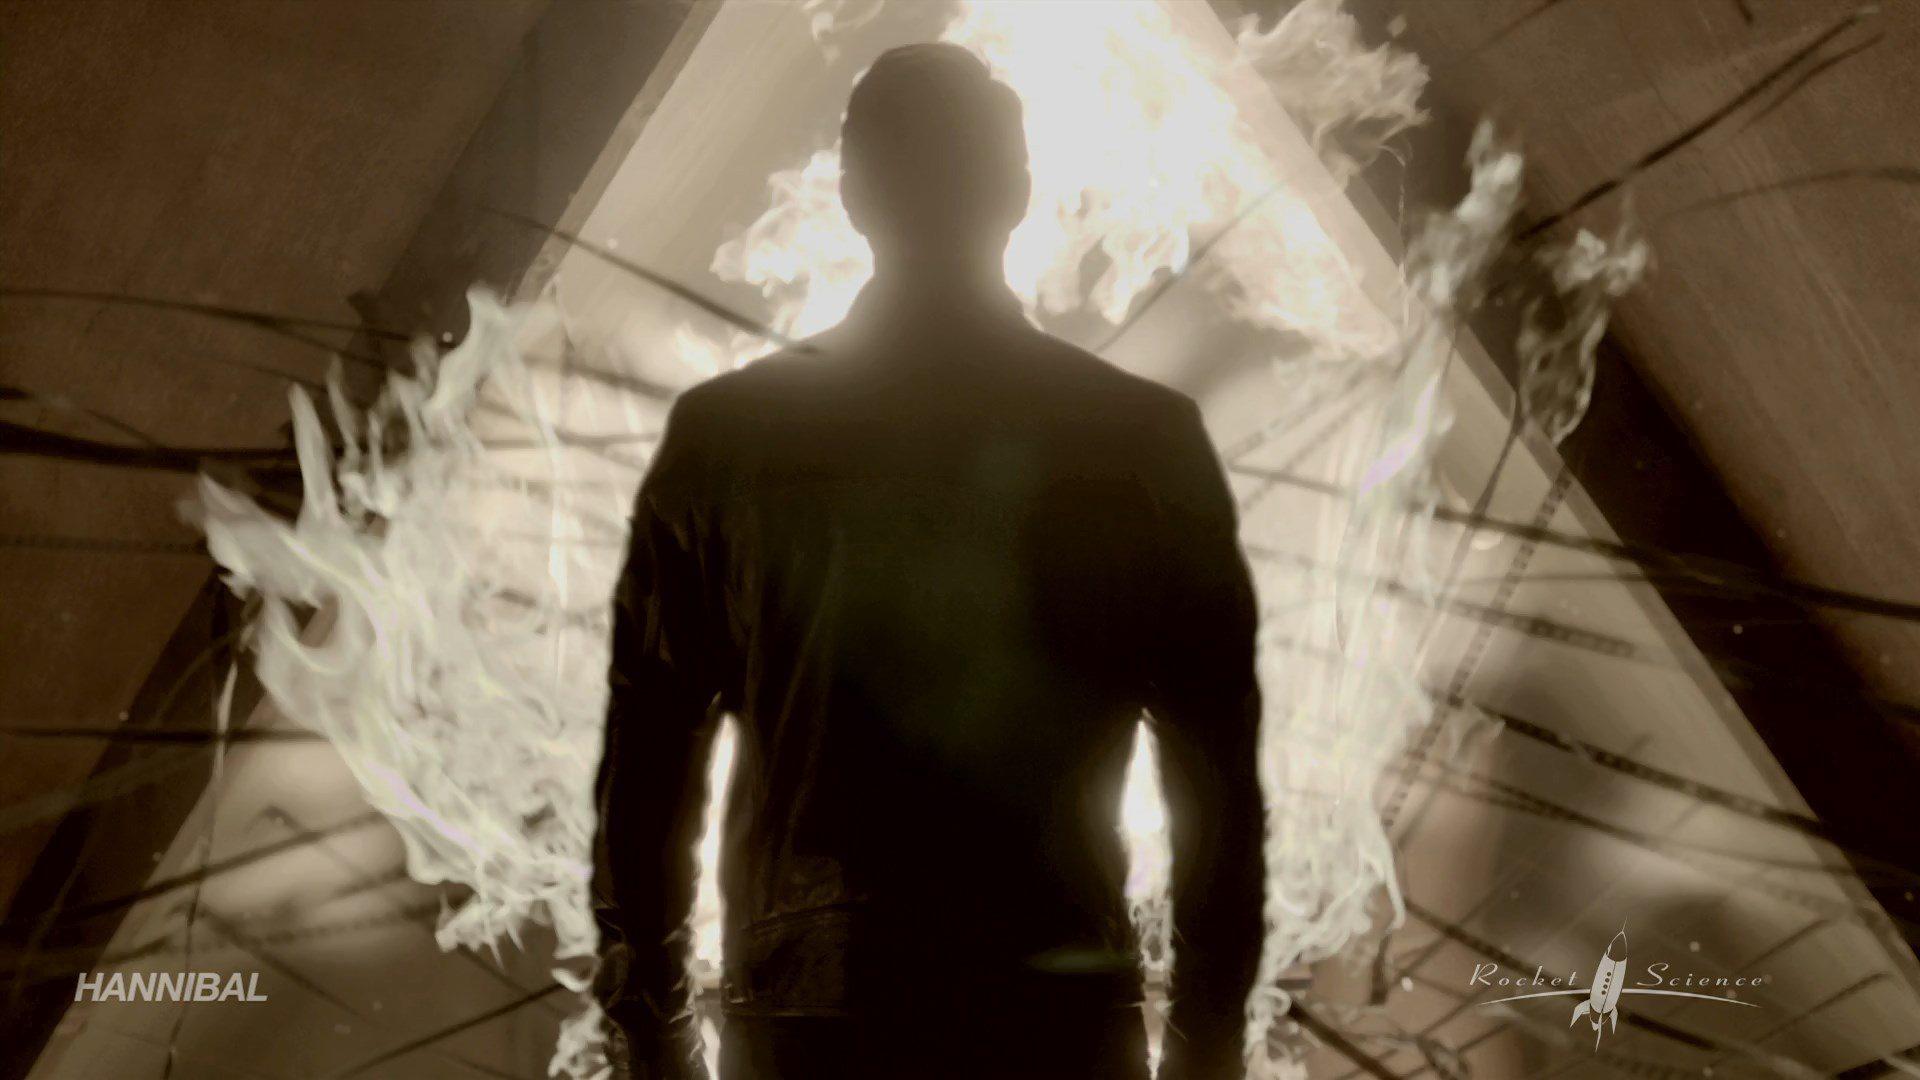 No bigger Fannibals for Hannibal than Rocket Science VFX